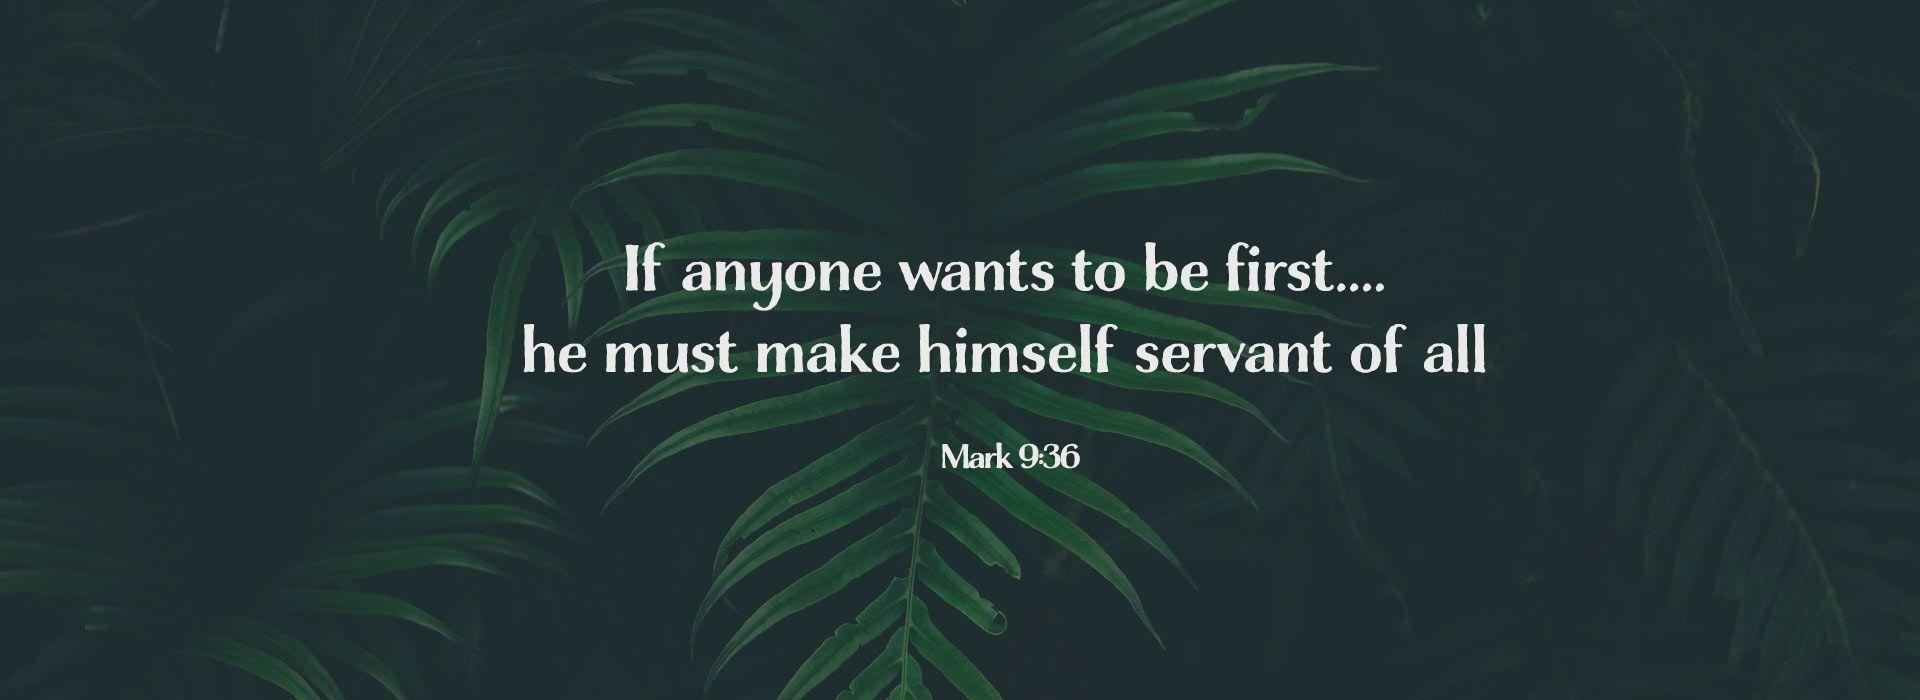 Mark 9:36